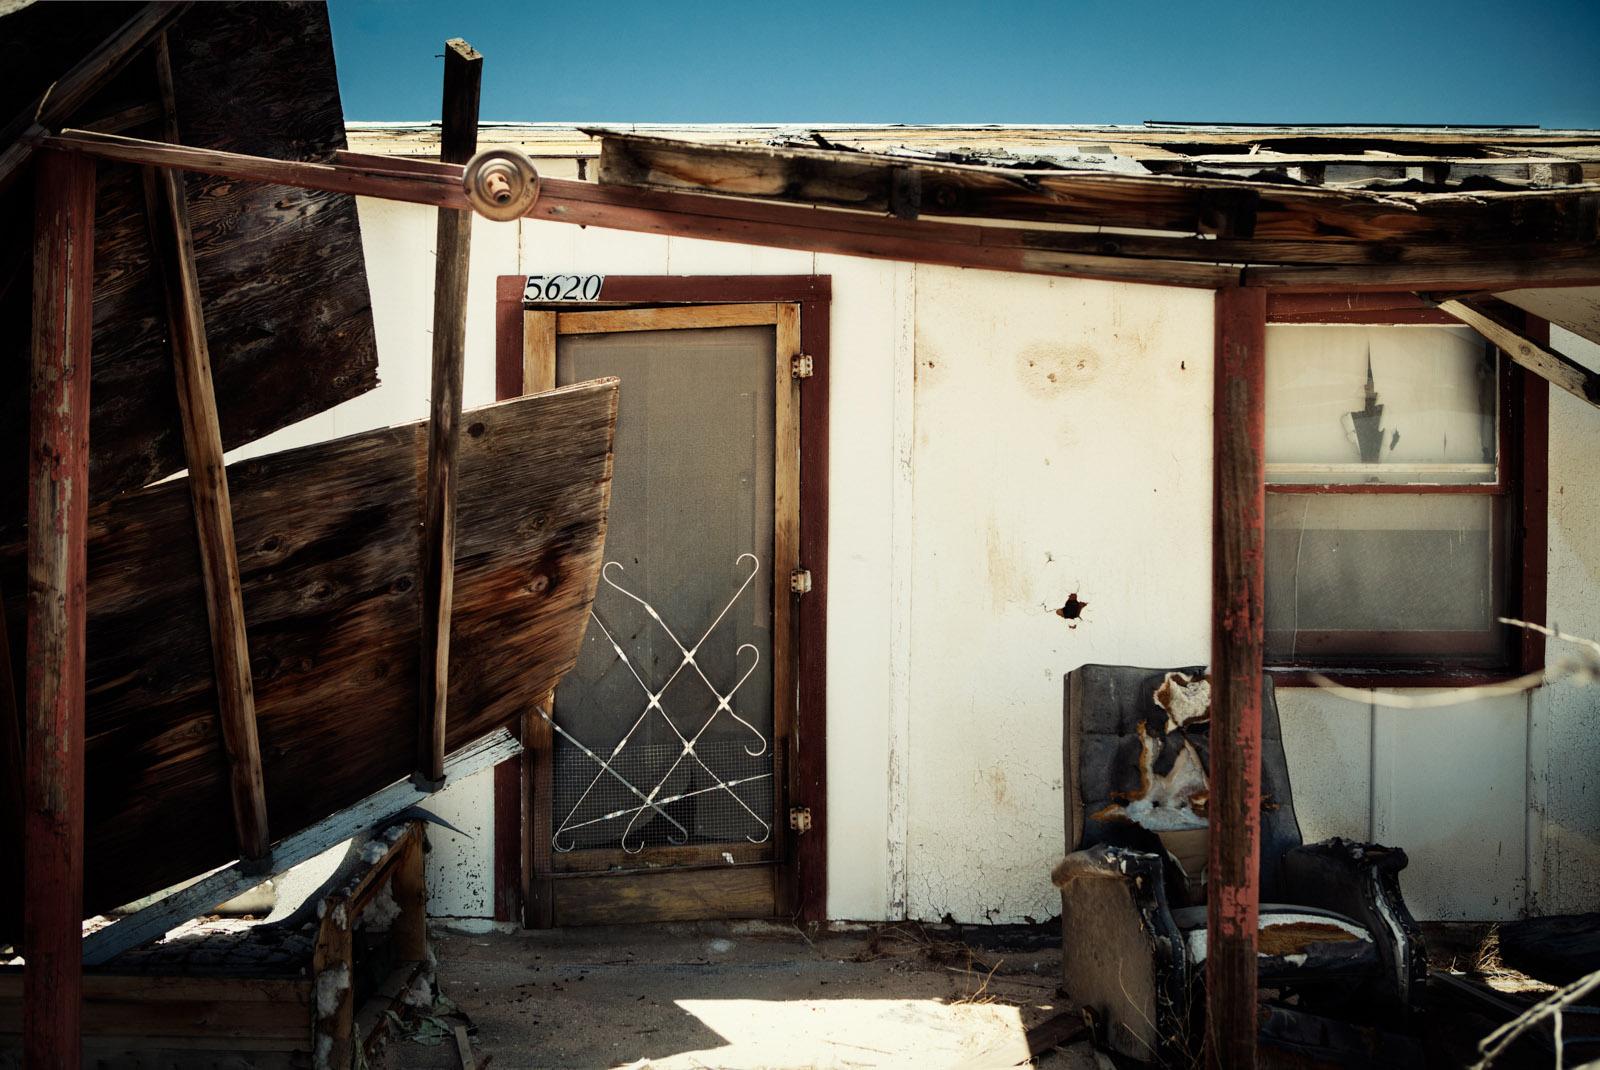 Mark_Nagel_Abandoned-03.jpg